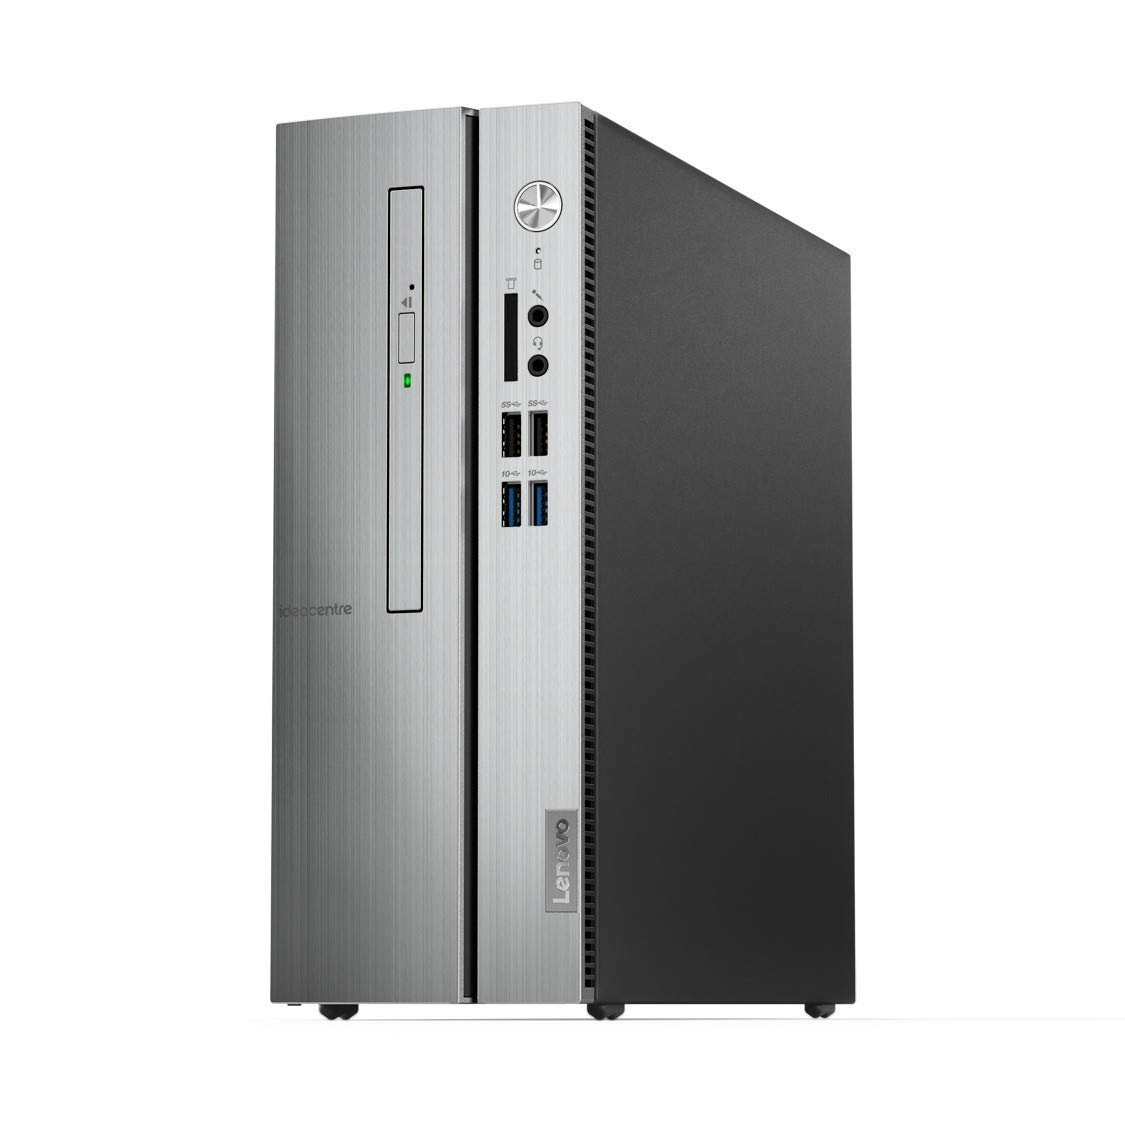 Lenovo Idea Centre 510S-07ICK 90LX0091IN Intel 9th Gen CORE i3-9100 4 Cores SFF 7.4 Lt  4GB DDR4 1TB 7200 RPM No DVD 21.5inch Monitor DOS